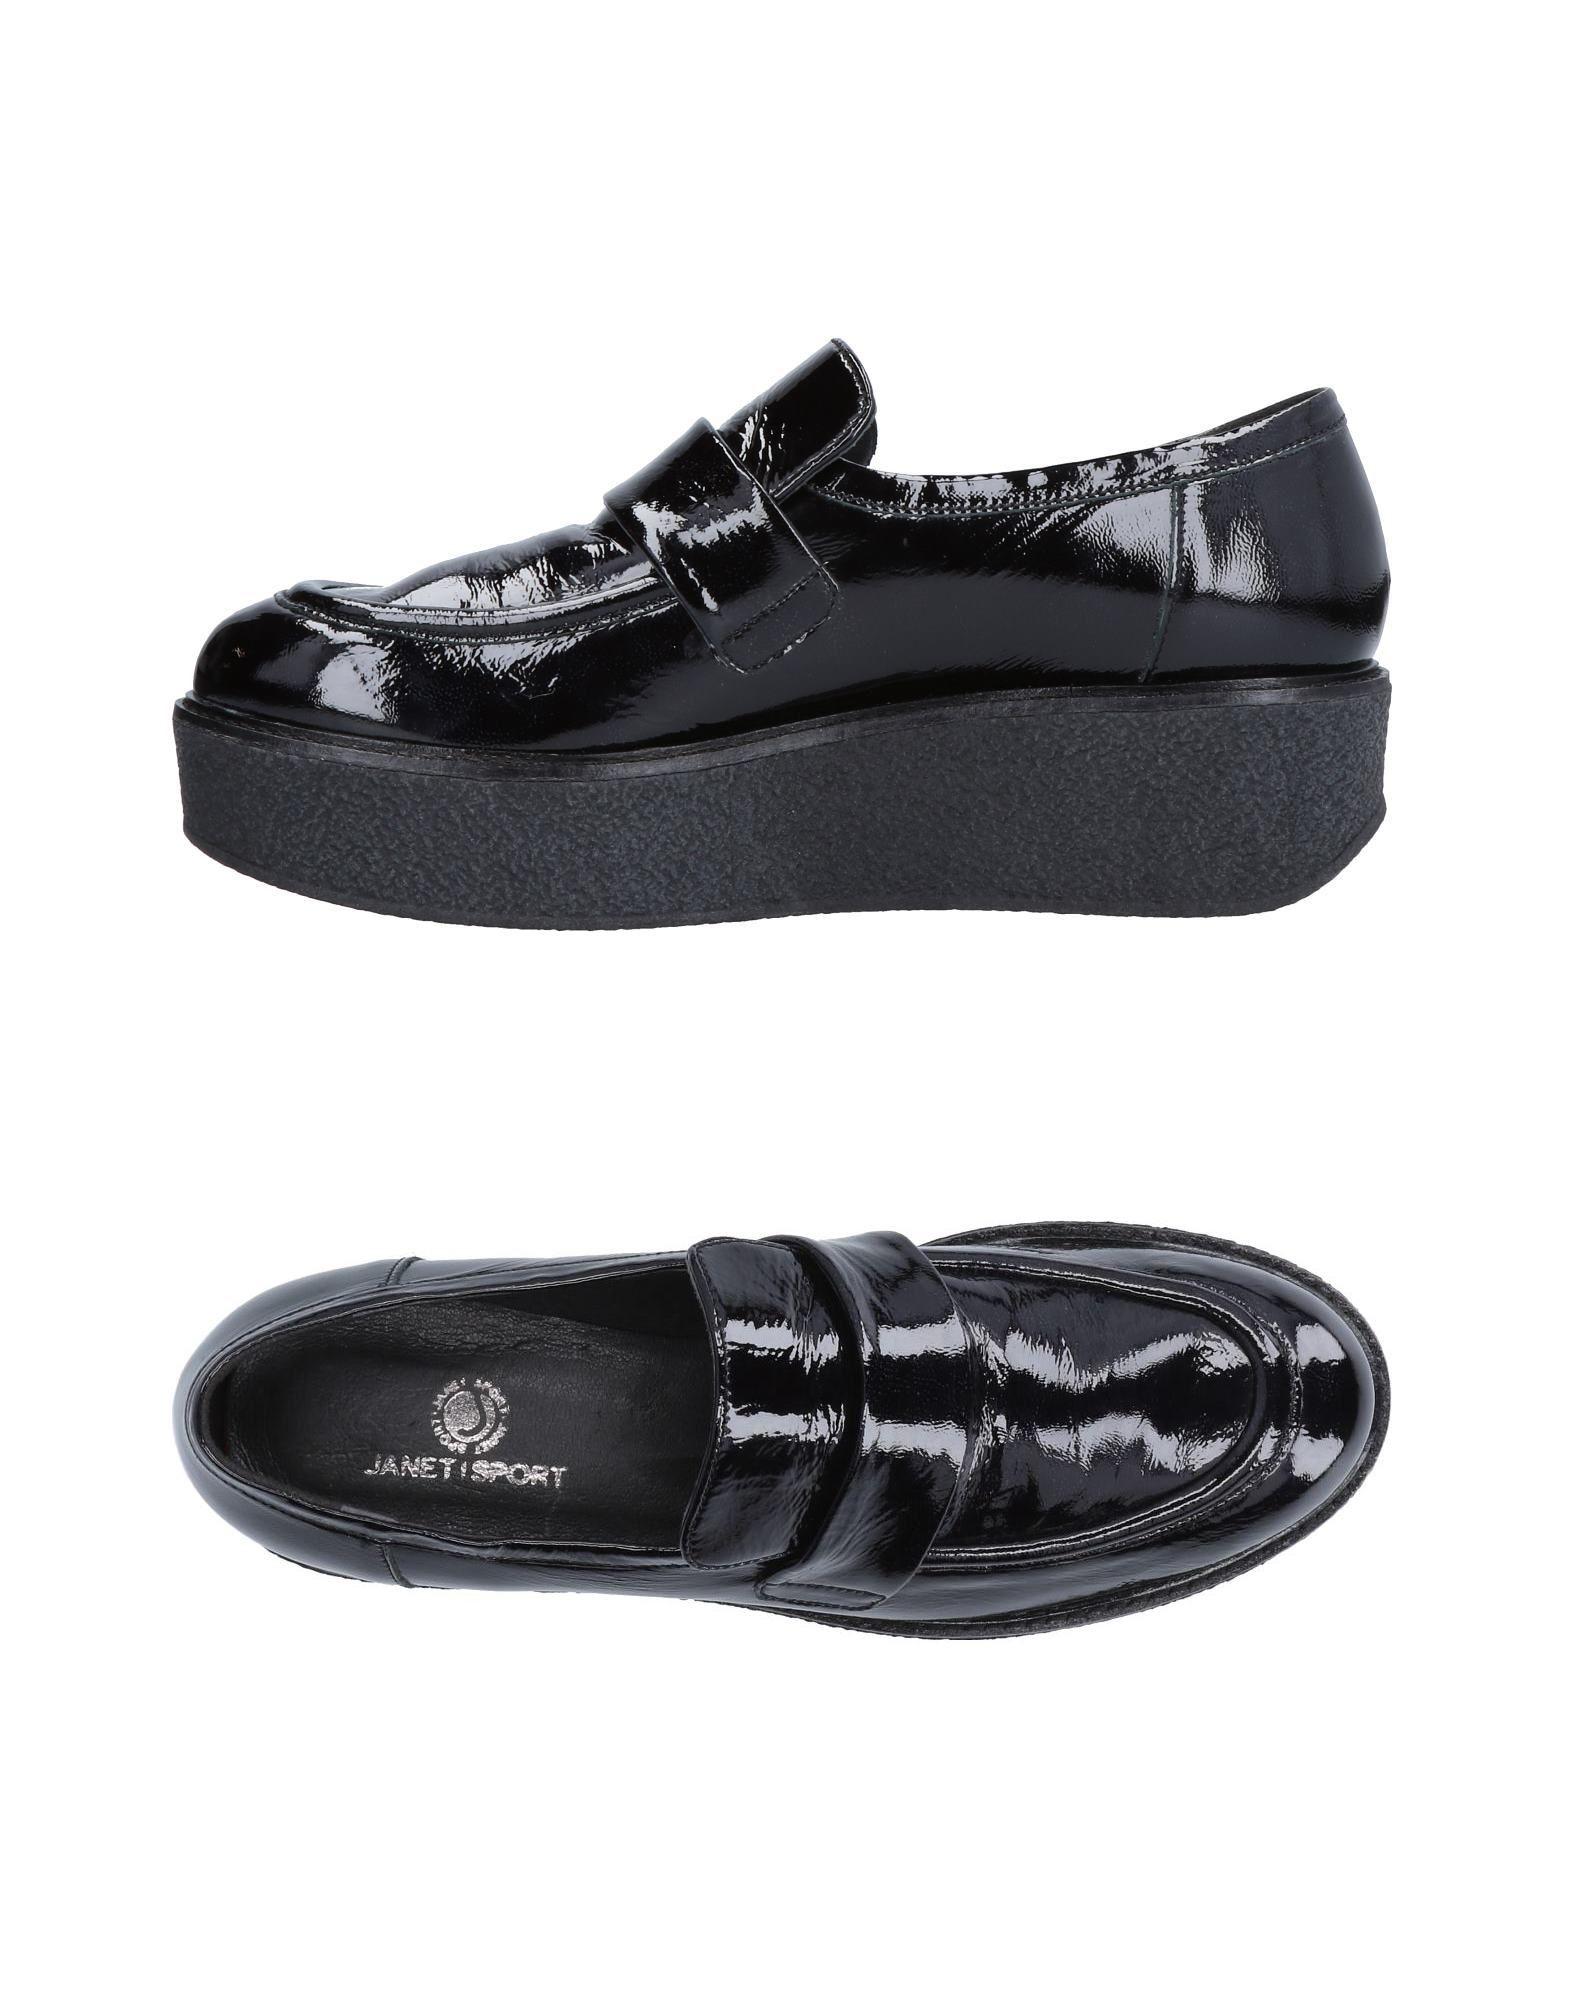 Los últimos zapatos de descuento para hombres y mujeres Mocasín - Janet Sport Mujer - Mocasín Mocasines Janet Sport  Negro f6a57a